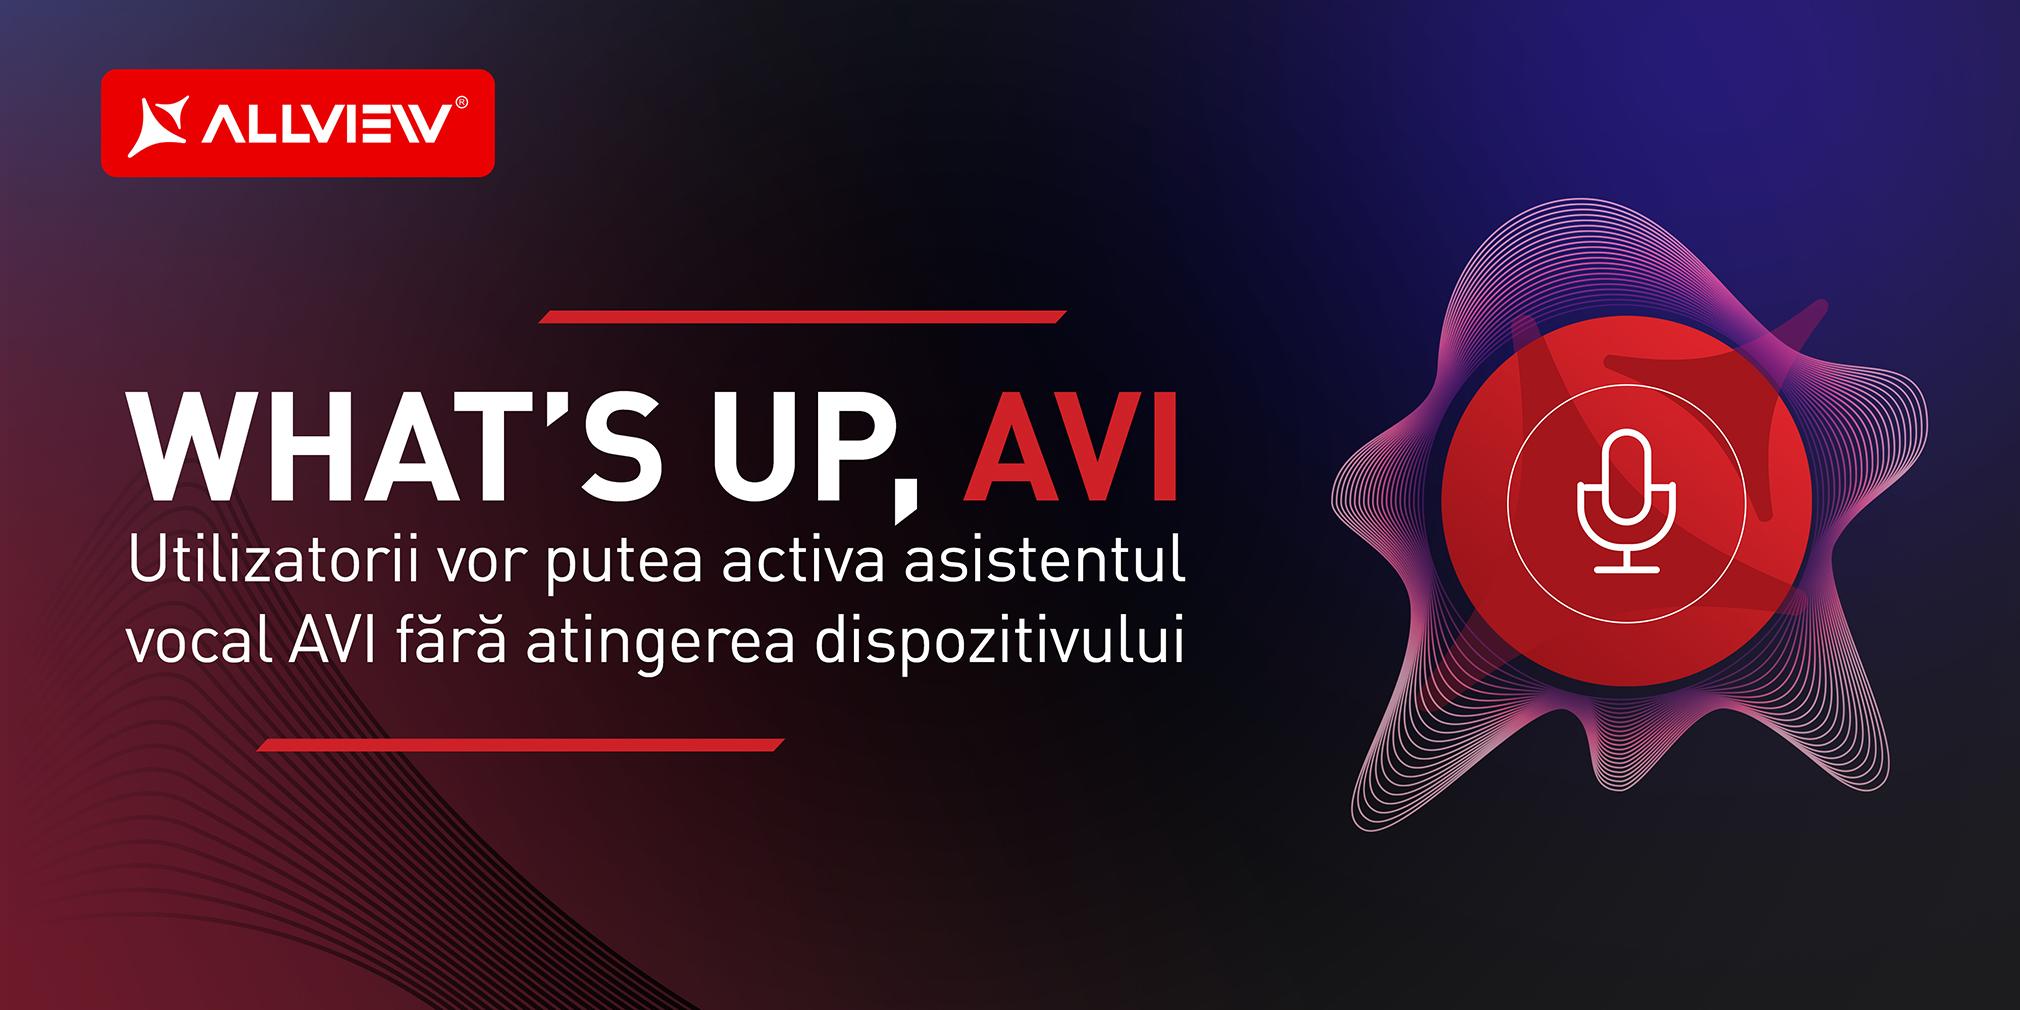 Asistentul vocal AVI vine cu îmbunătățiri